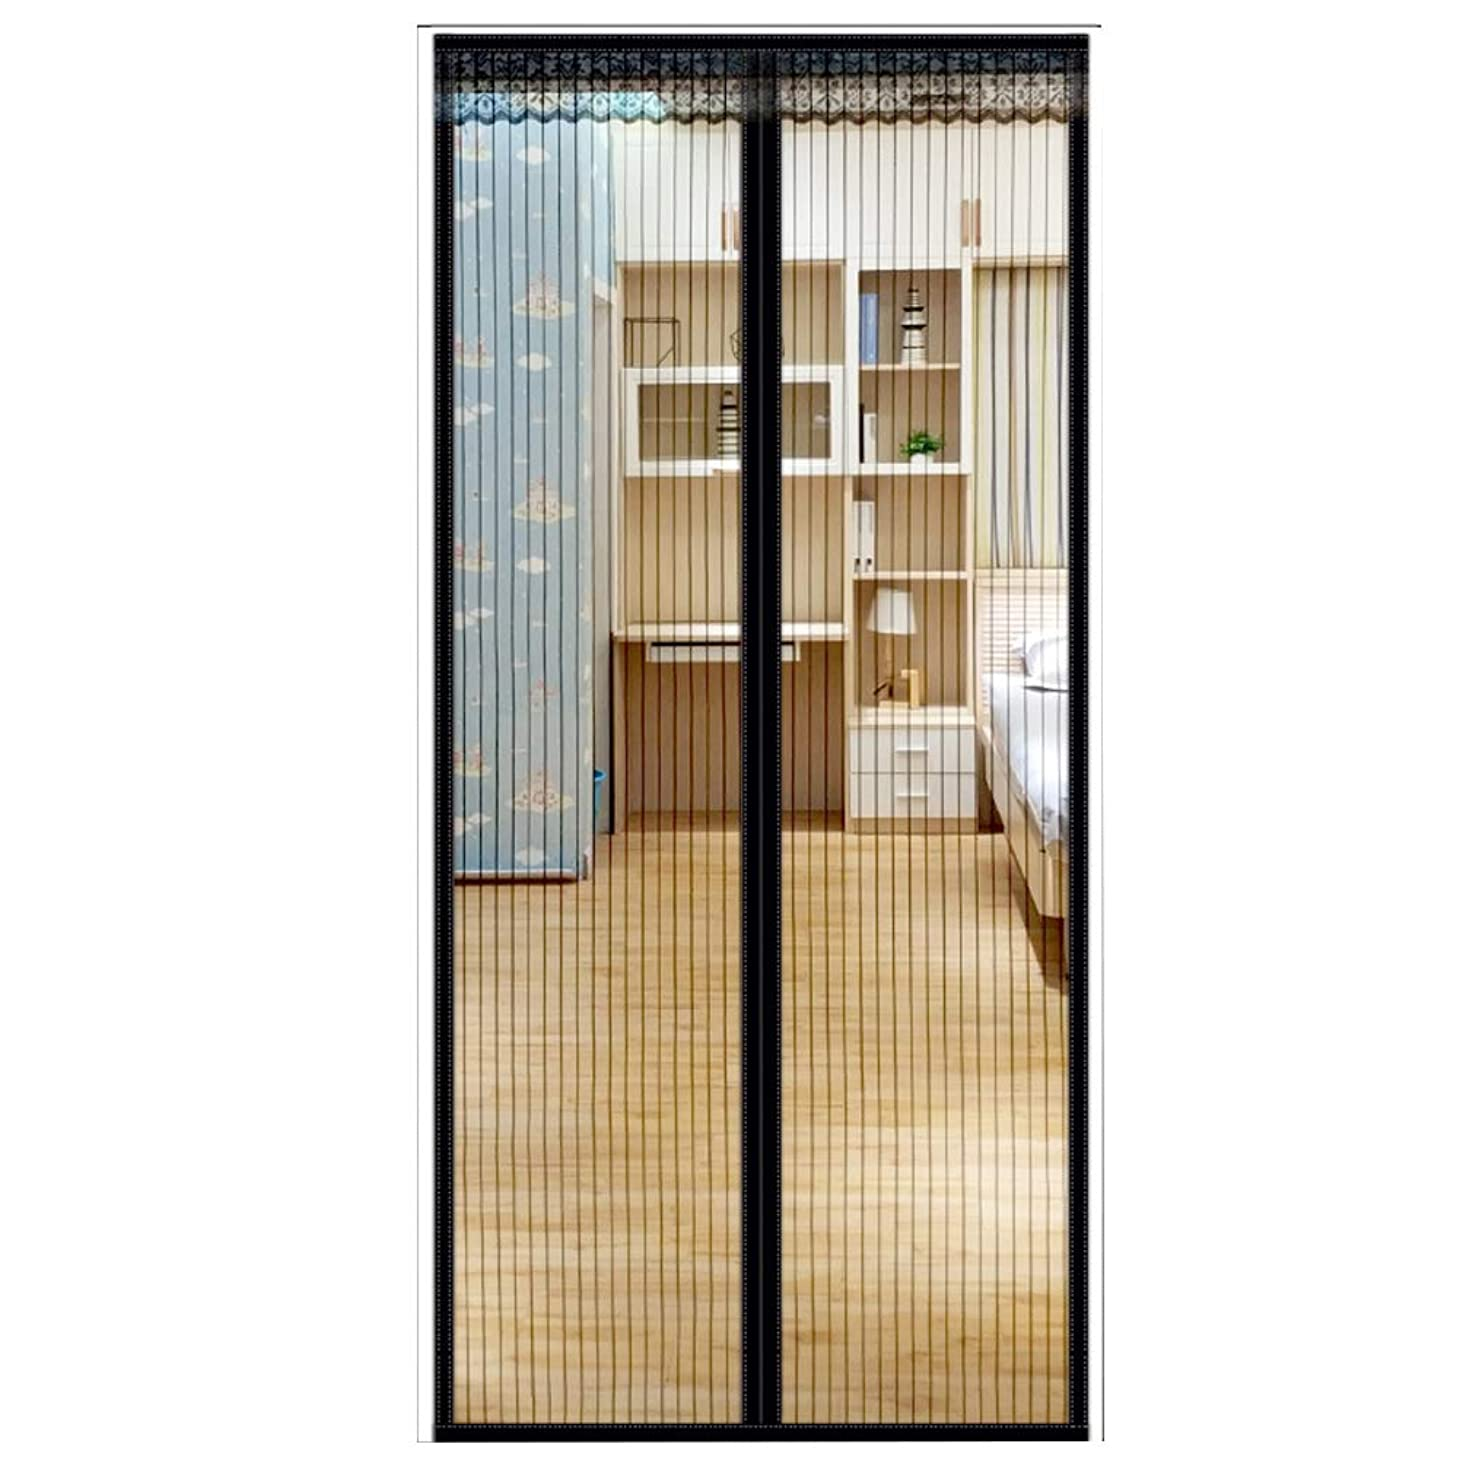 半円テロアパートWL 夏シール磁気網戸,通気性メッシュ バグ証明ドア カーテン 寝室漫画ネット カーテンをあけることがなく-ブラック 80x210cm(31x83inch)